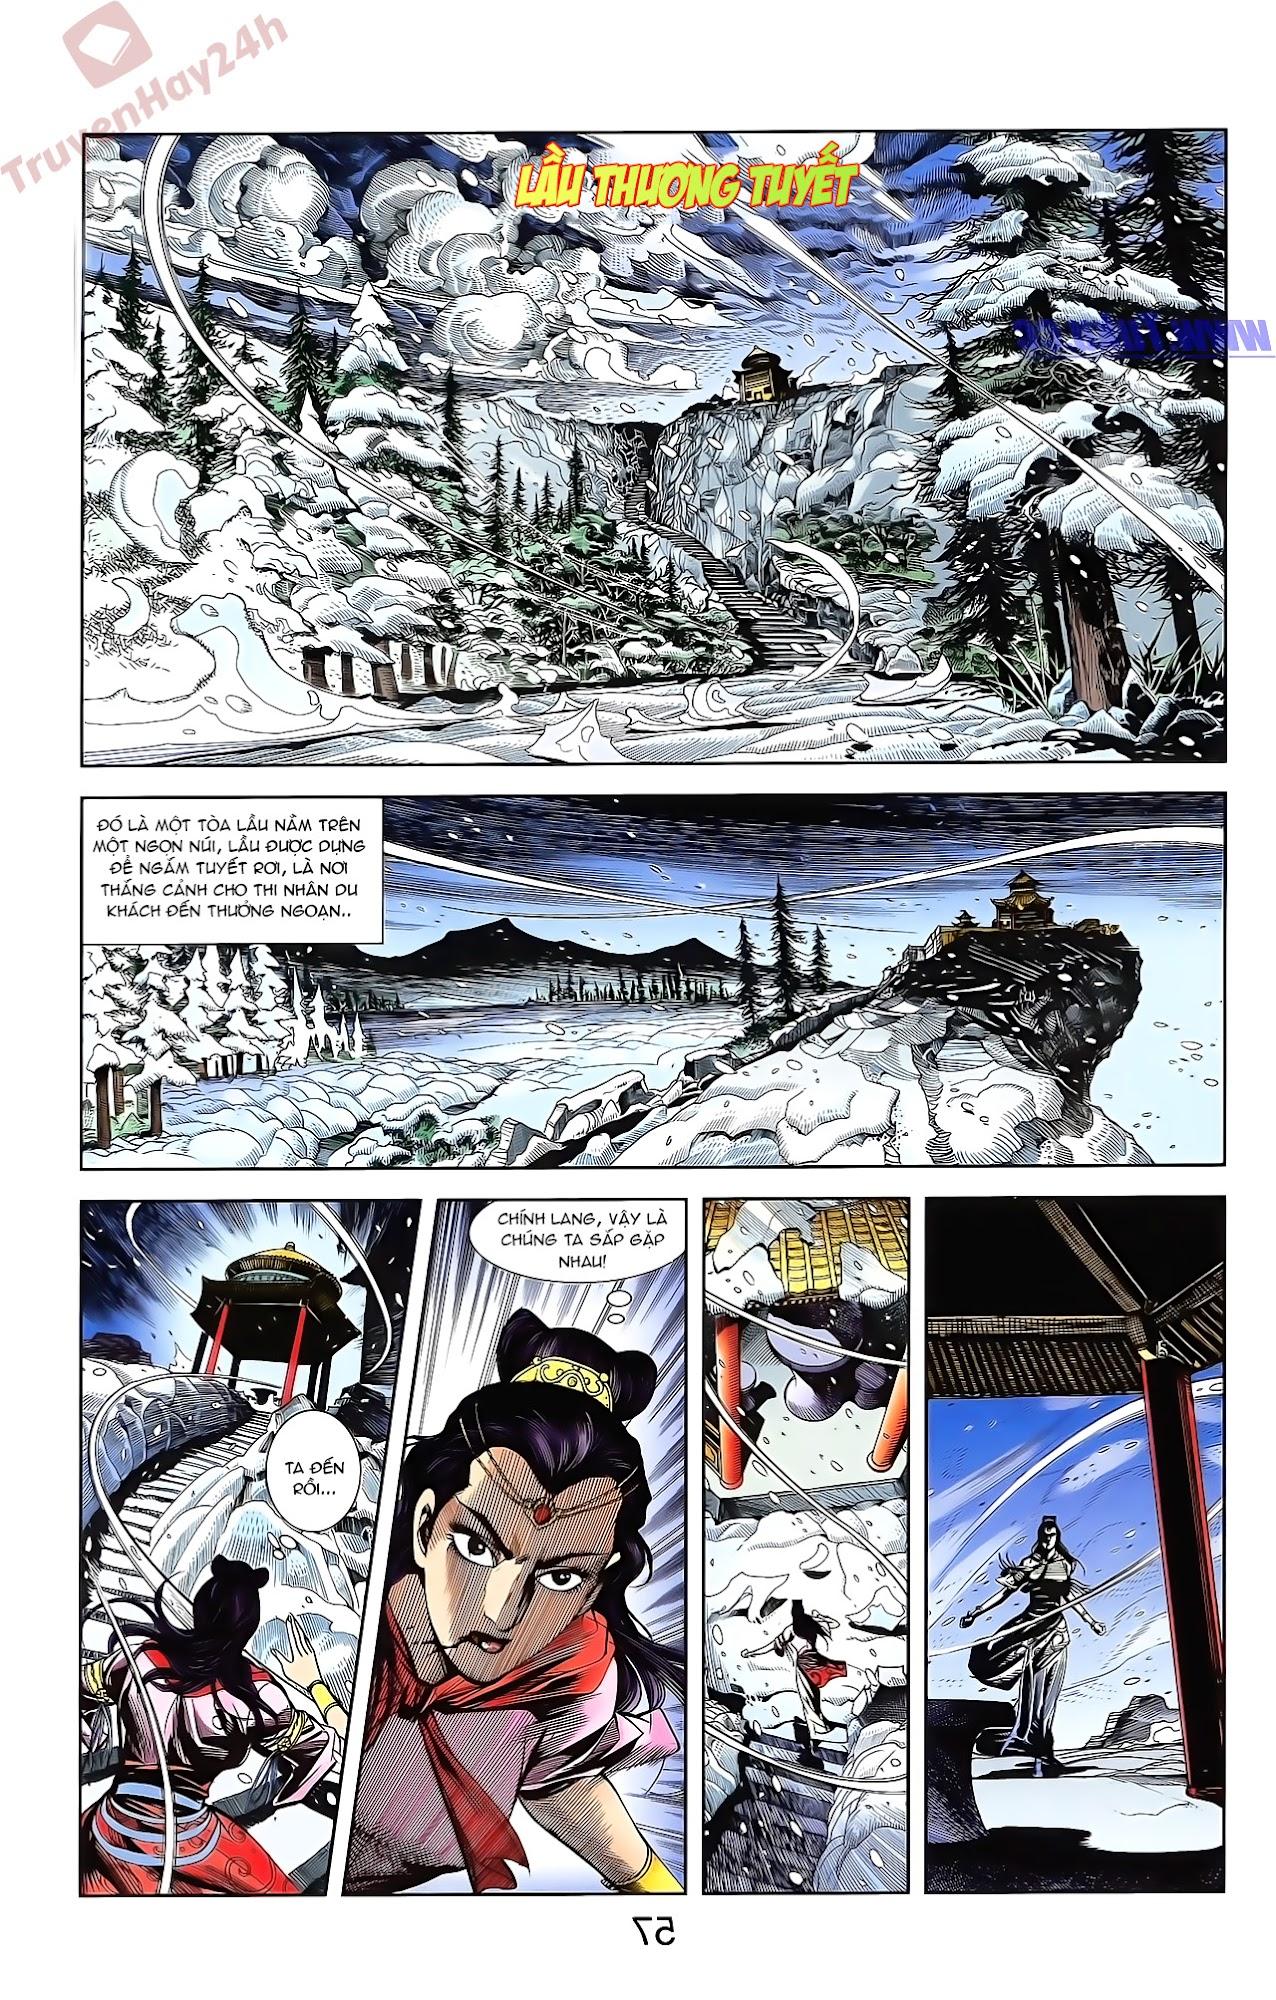 Tần Vương Doanh Chính chapter 51 trang 24